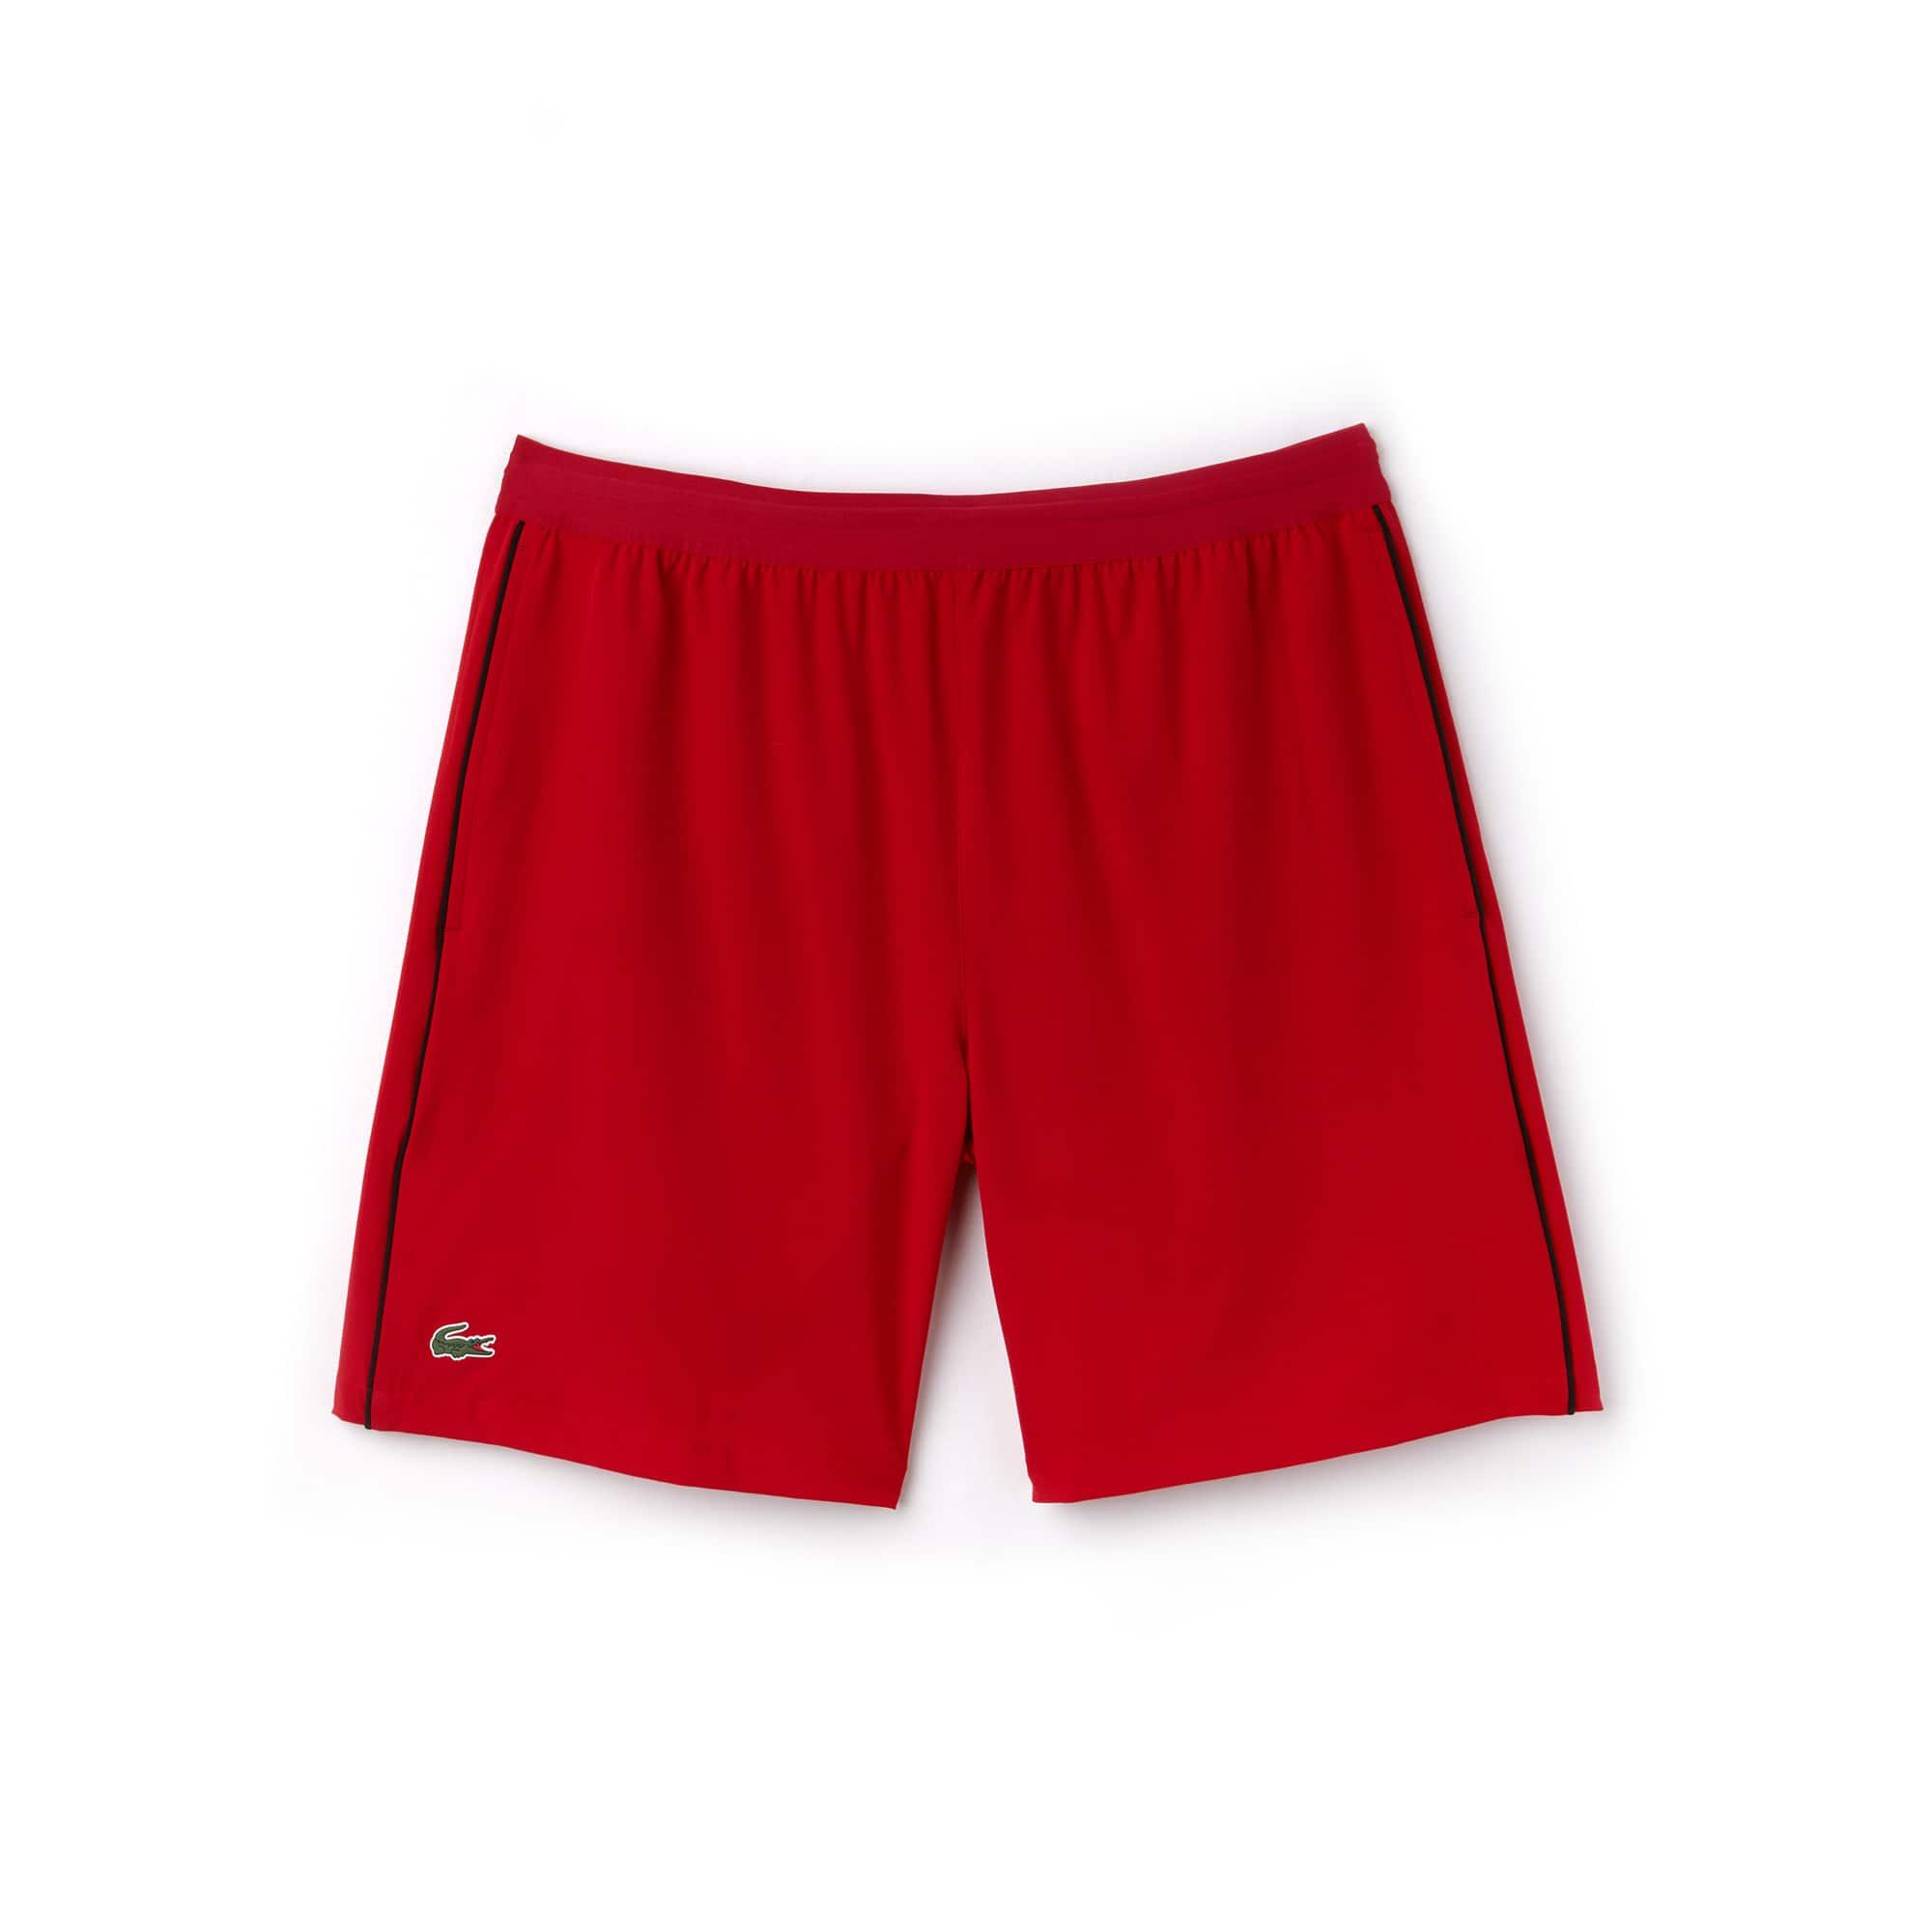 라코스테 스포츠 반바지 Lacoste Mens SPORT NOVAK DJOKOVIC SUPPORT WITH STYLE COLLECTION Piped Stretch Technical Shorts,red/black